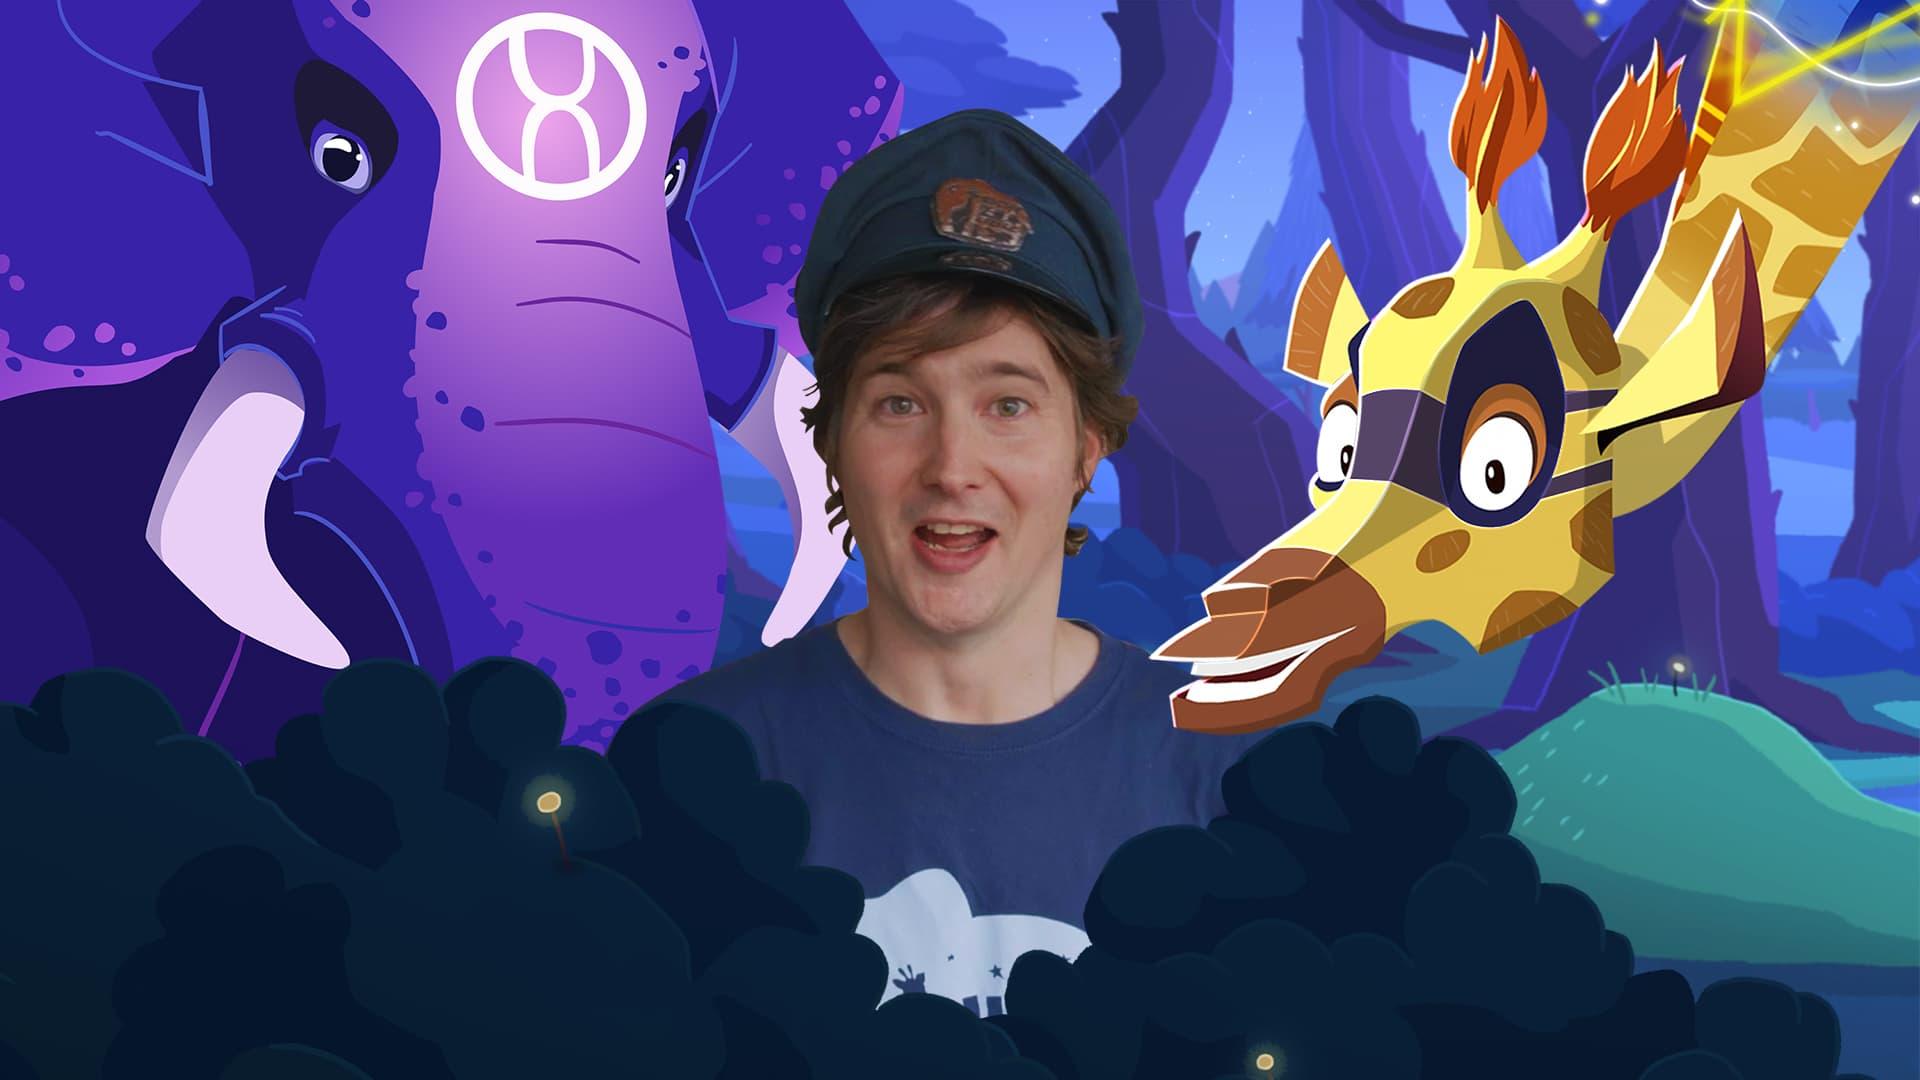 Josh in nightzoo.jpeg